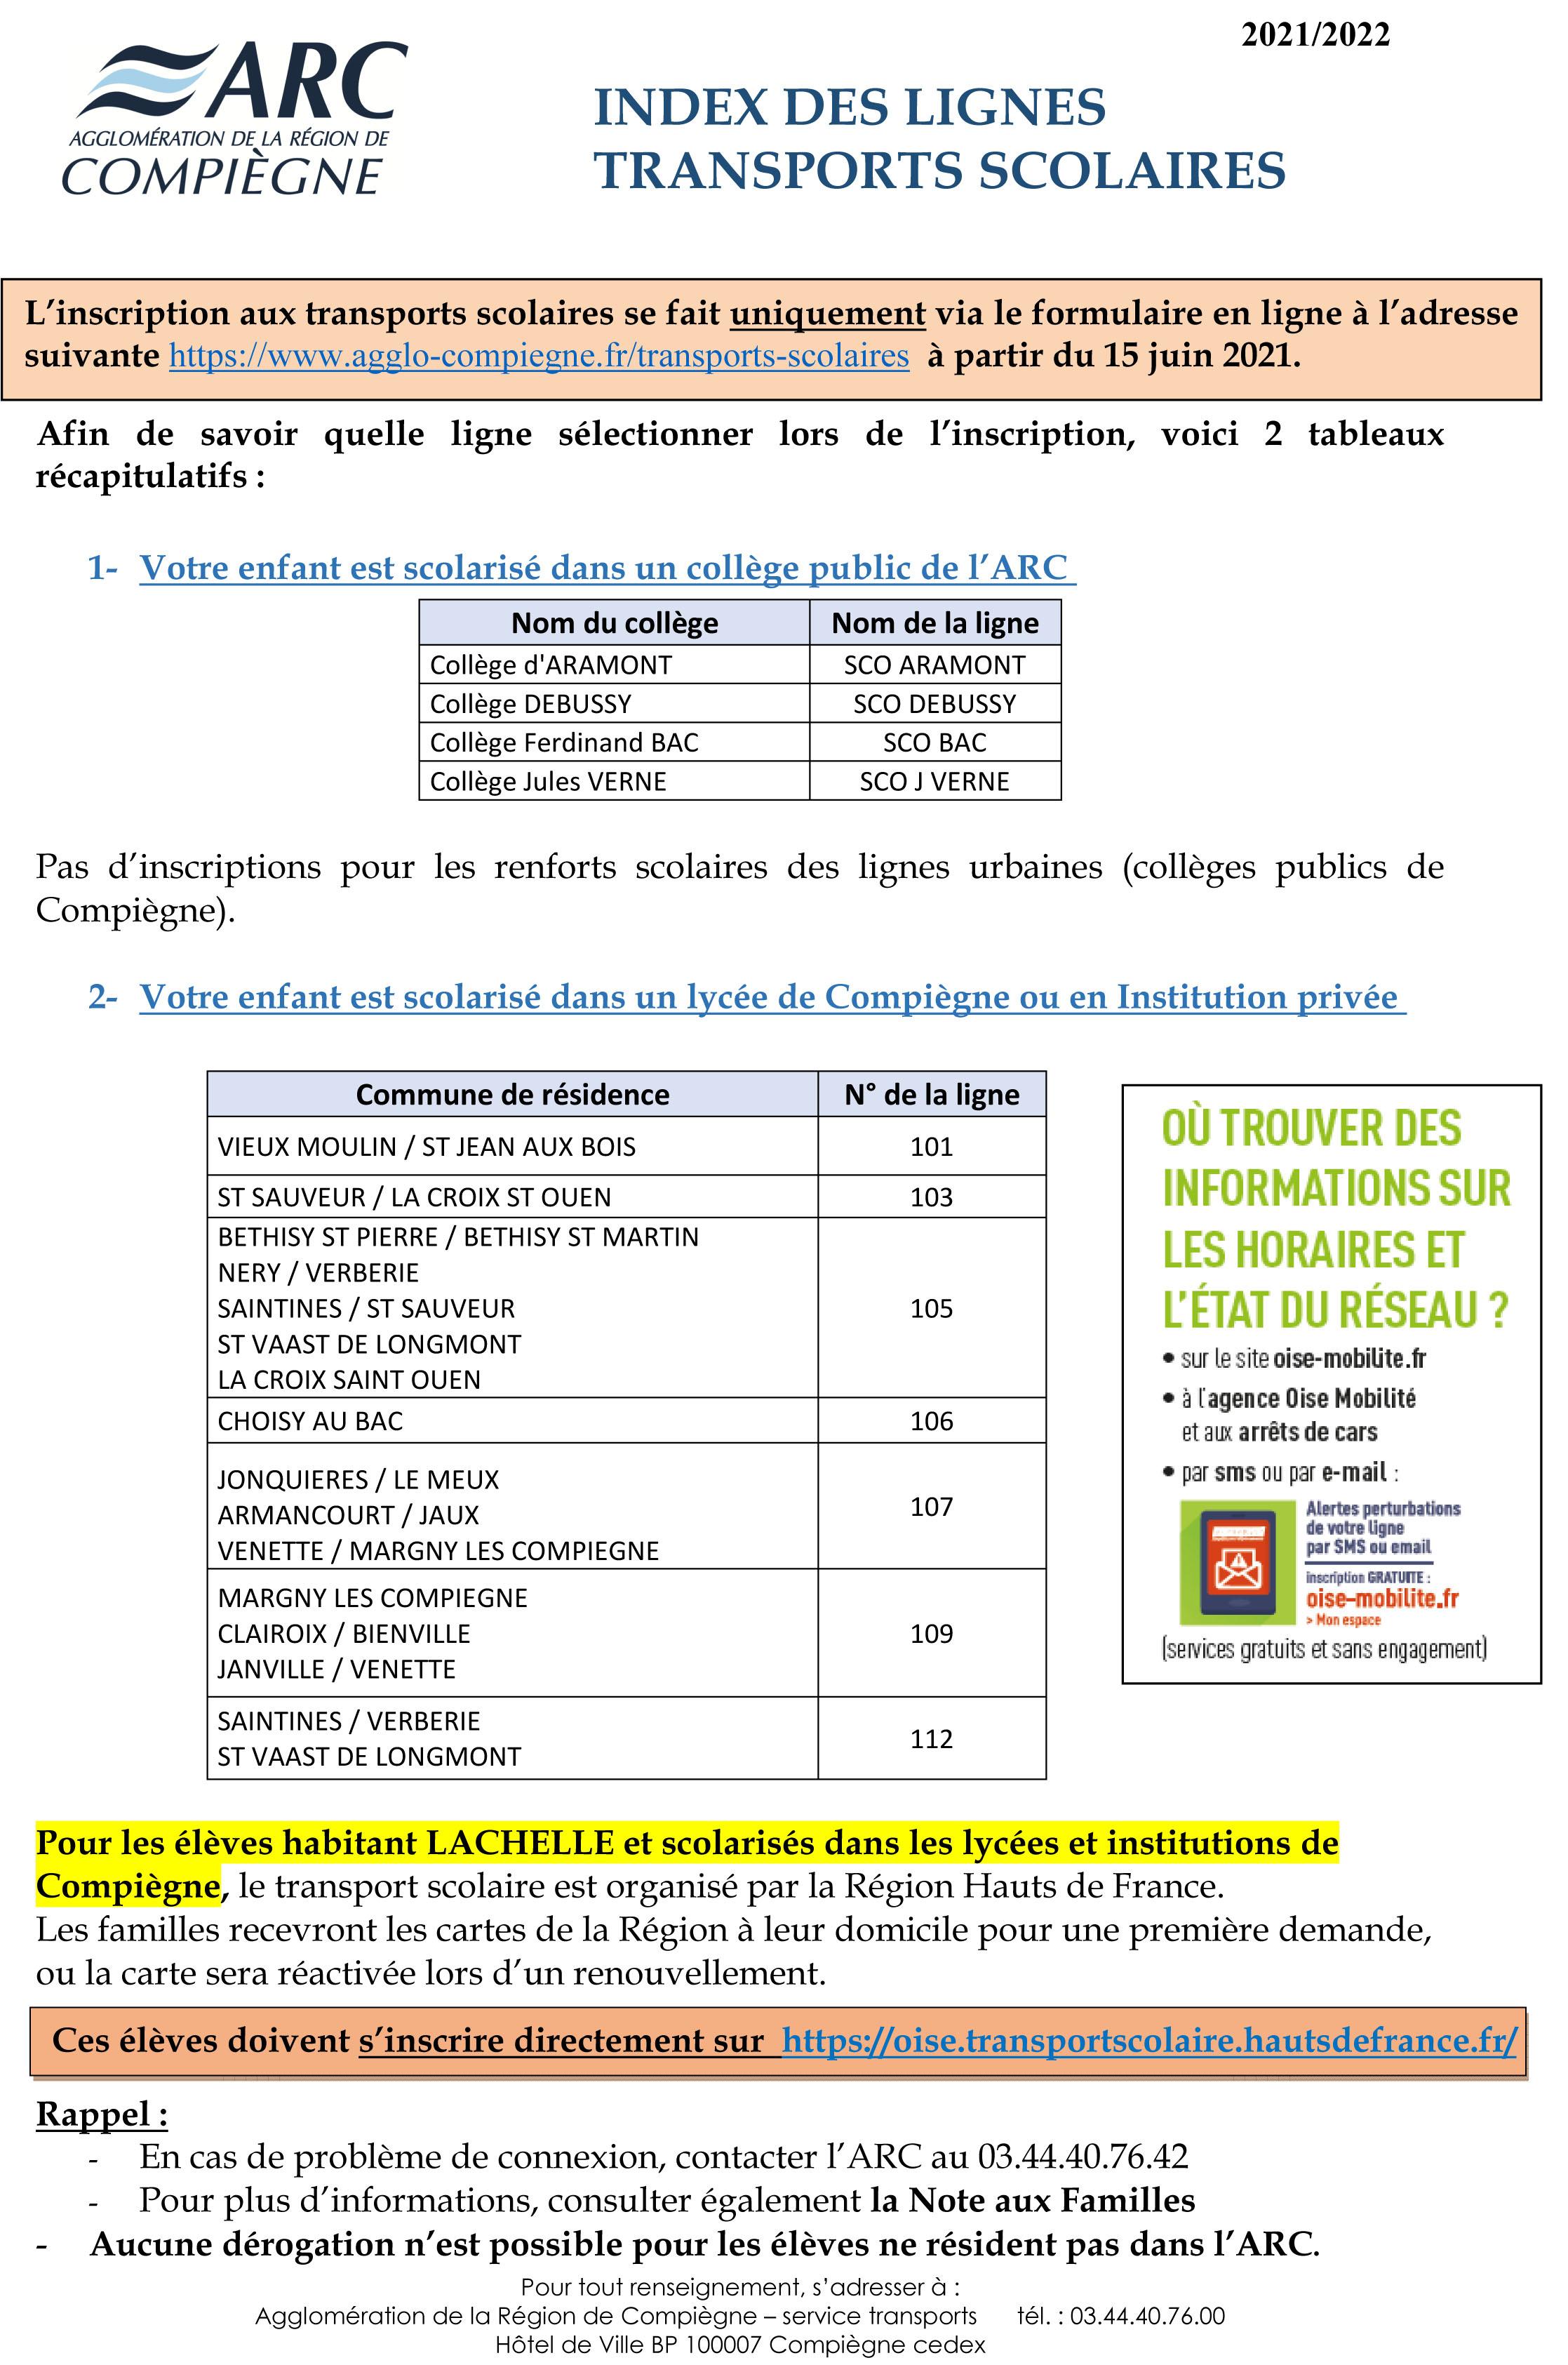 INDEX DES LIGNES ARC-Rentrée scolaire 2021 2022.jpg